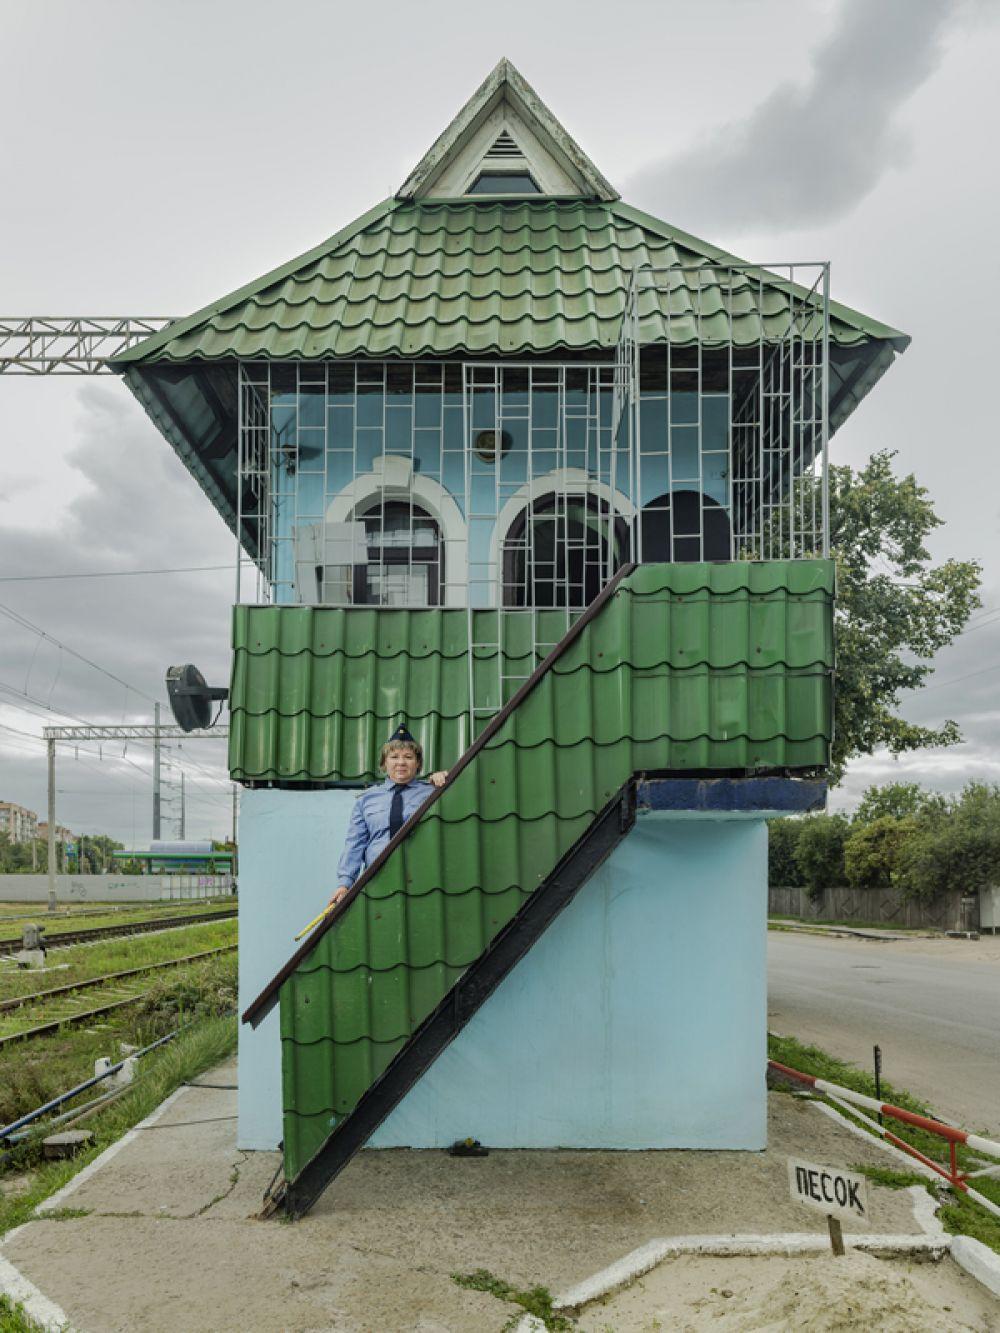 Одна из серии работ украинского фотографа Саши Маслова о женщинах, работающих на железной дороге.